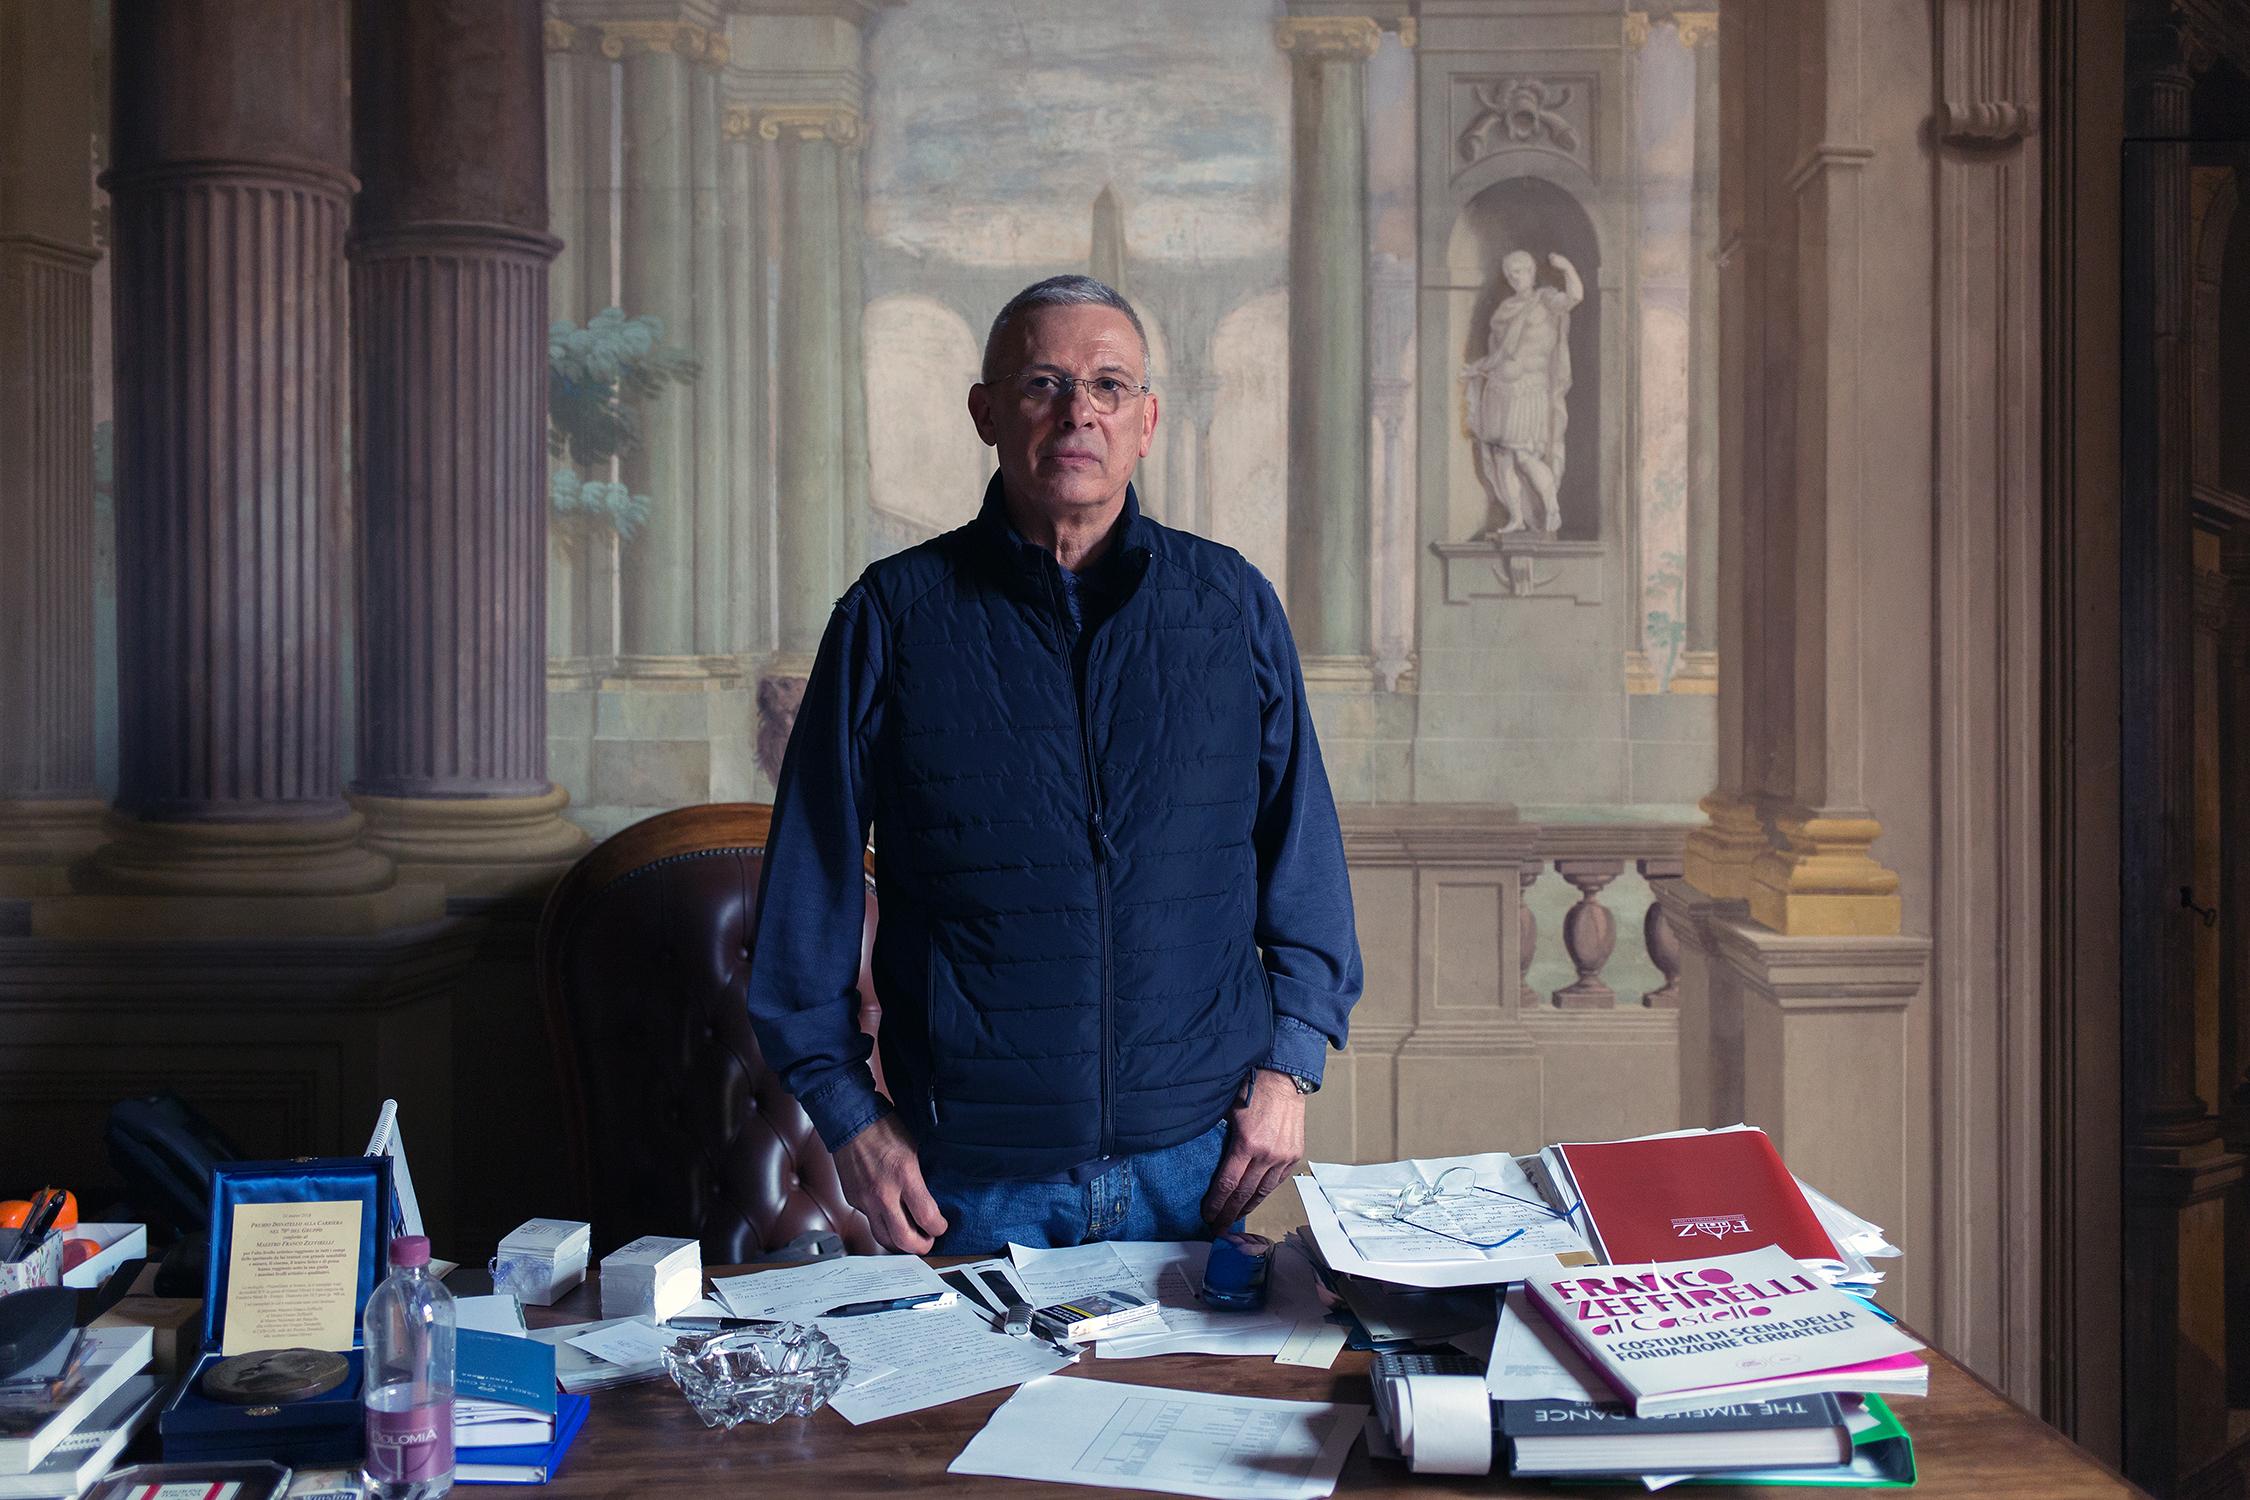 Pippo Zeffirelli, figlio adottivo di Franco Zeffirelli e vice Presidente della Fondazione Zeffirelli (che gestisce il Museo omonimo), nel suo studio a Firenze.